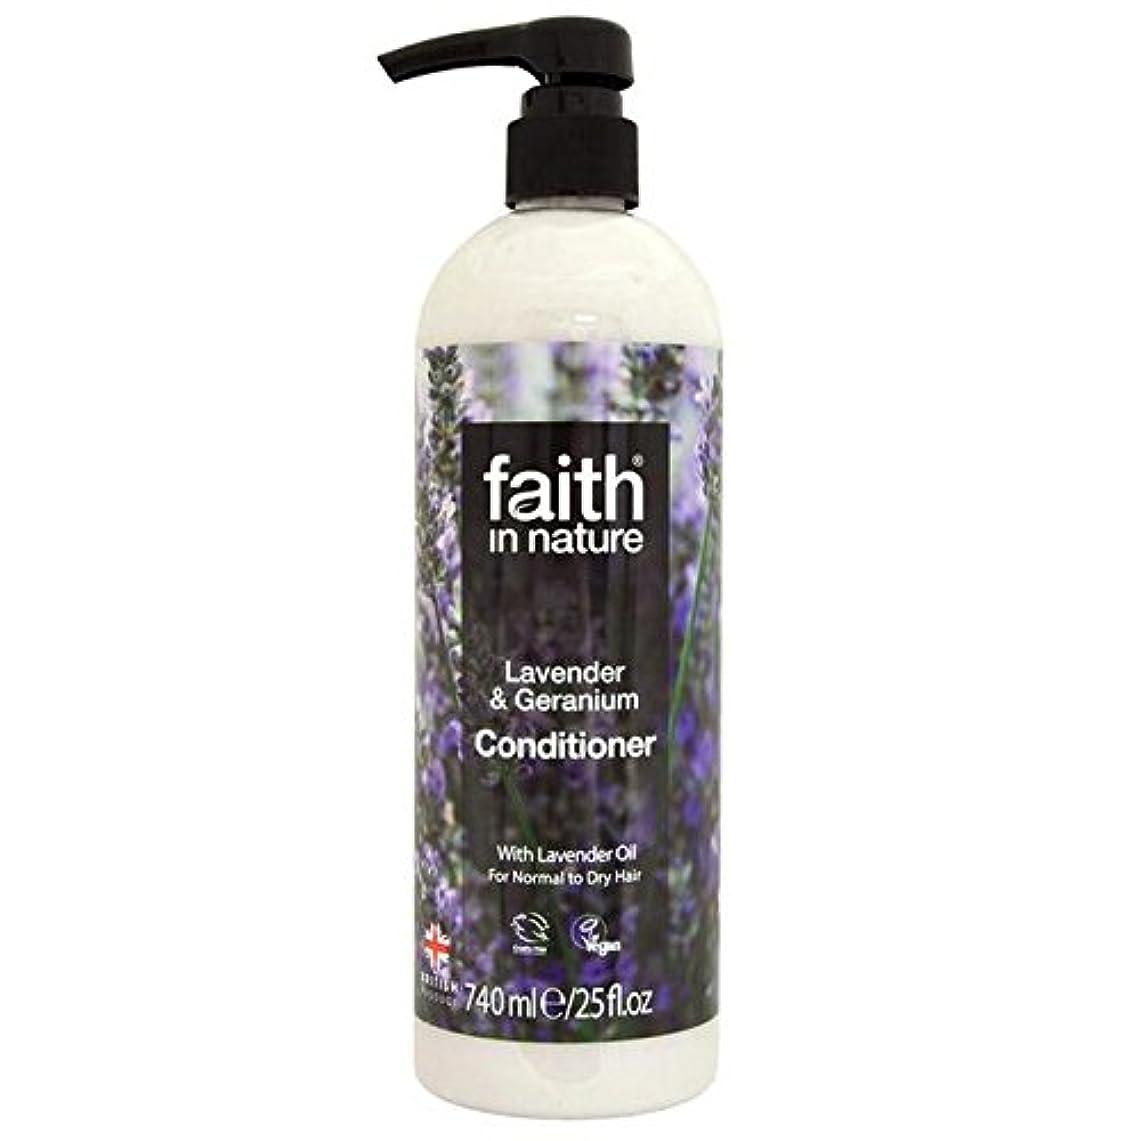 どうやって愛情飼い慣らすFaith in Nature Lavender & Geranium Conditioner 740ml (Pack of 2) - (Faith In Nature) 自然ラベンダー&ゼラニウムコンディショナー740...